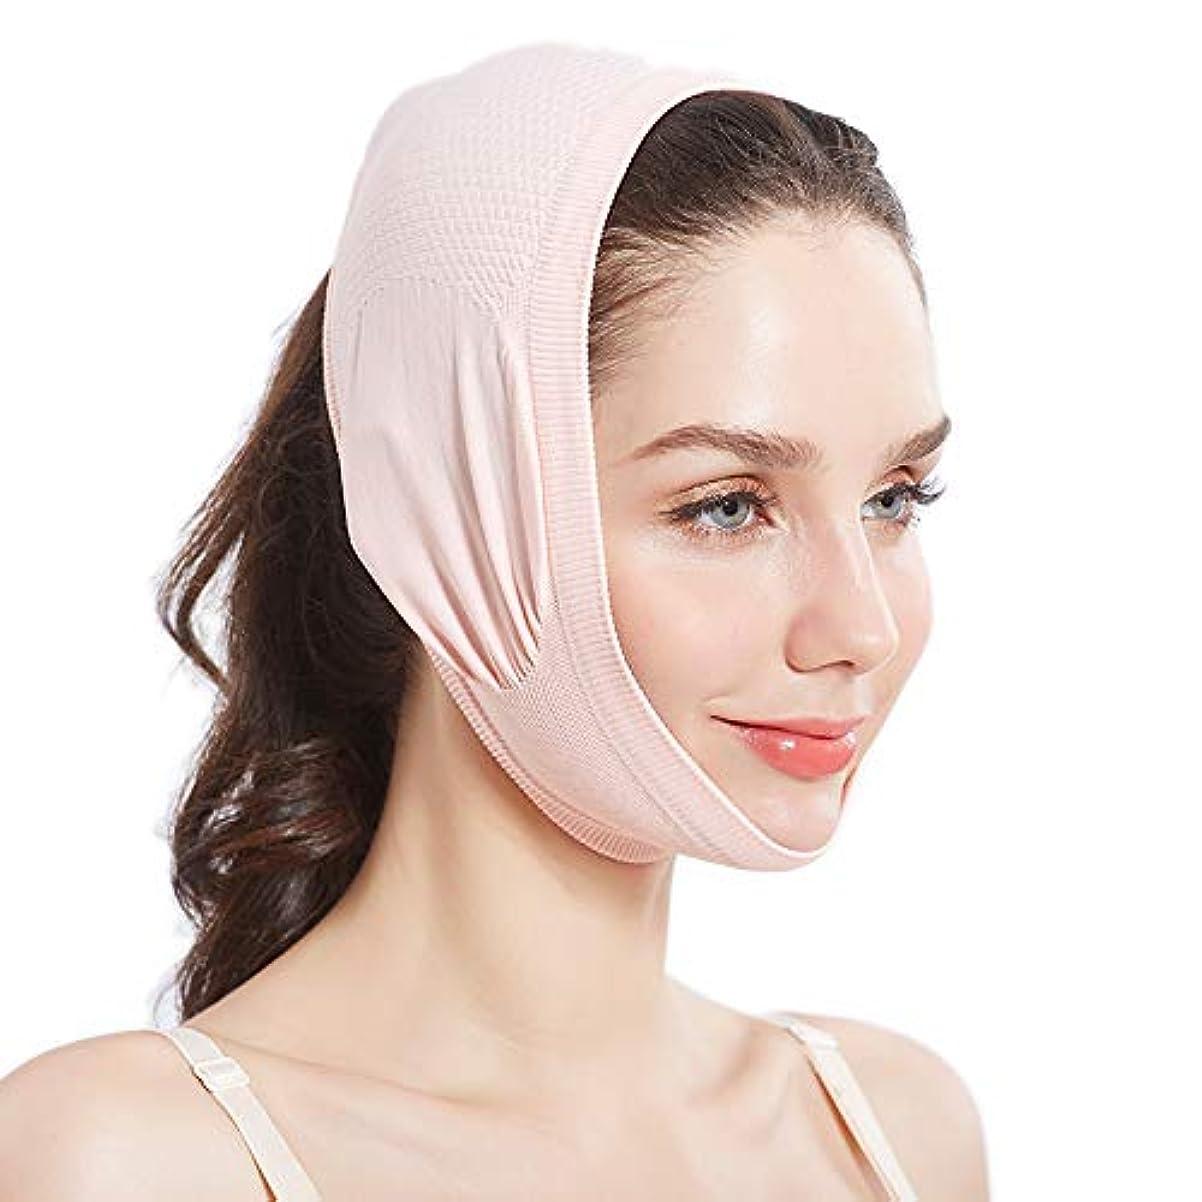 が欲しい盆ぴかぴか痩身チークマスク、抗ストレスウェルネスマスク、スリム顔、滑らかな通気性の圧縮あご細いストラップ V フェースラインリフトアップベルトバンド,Pink